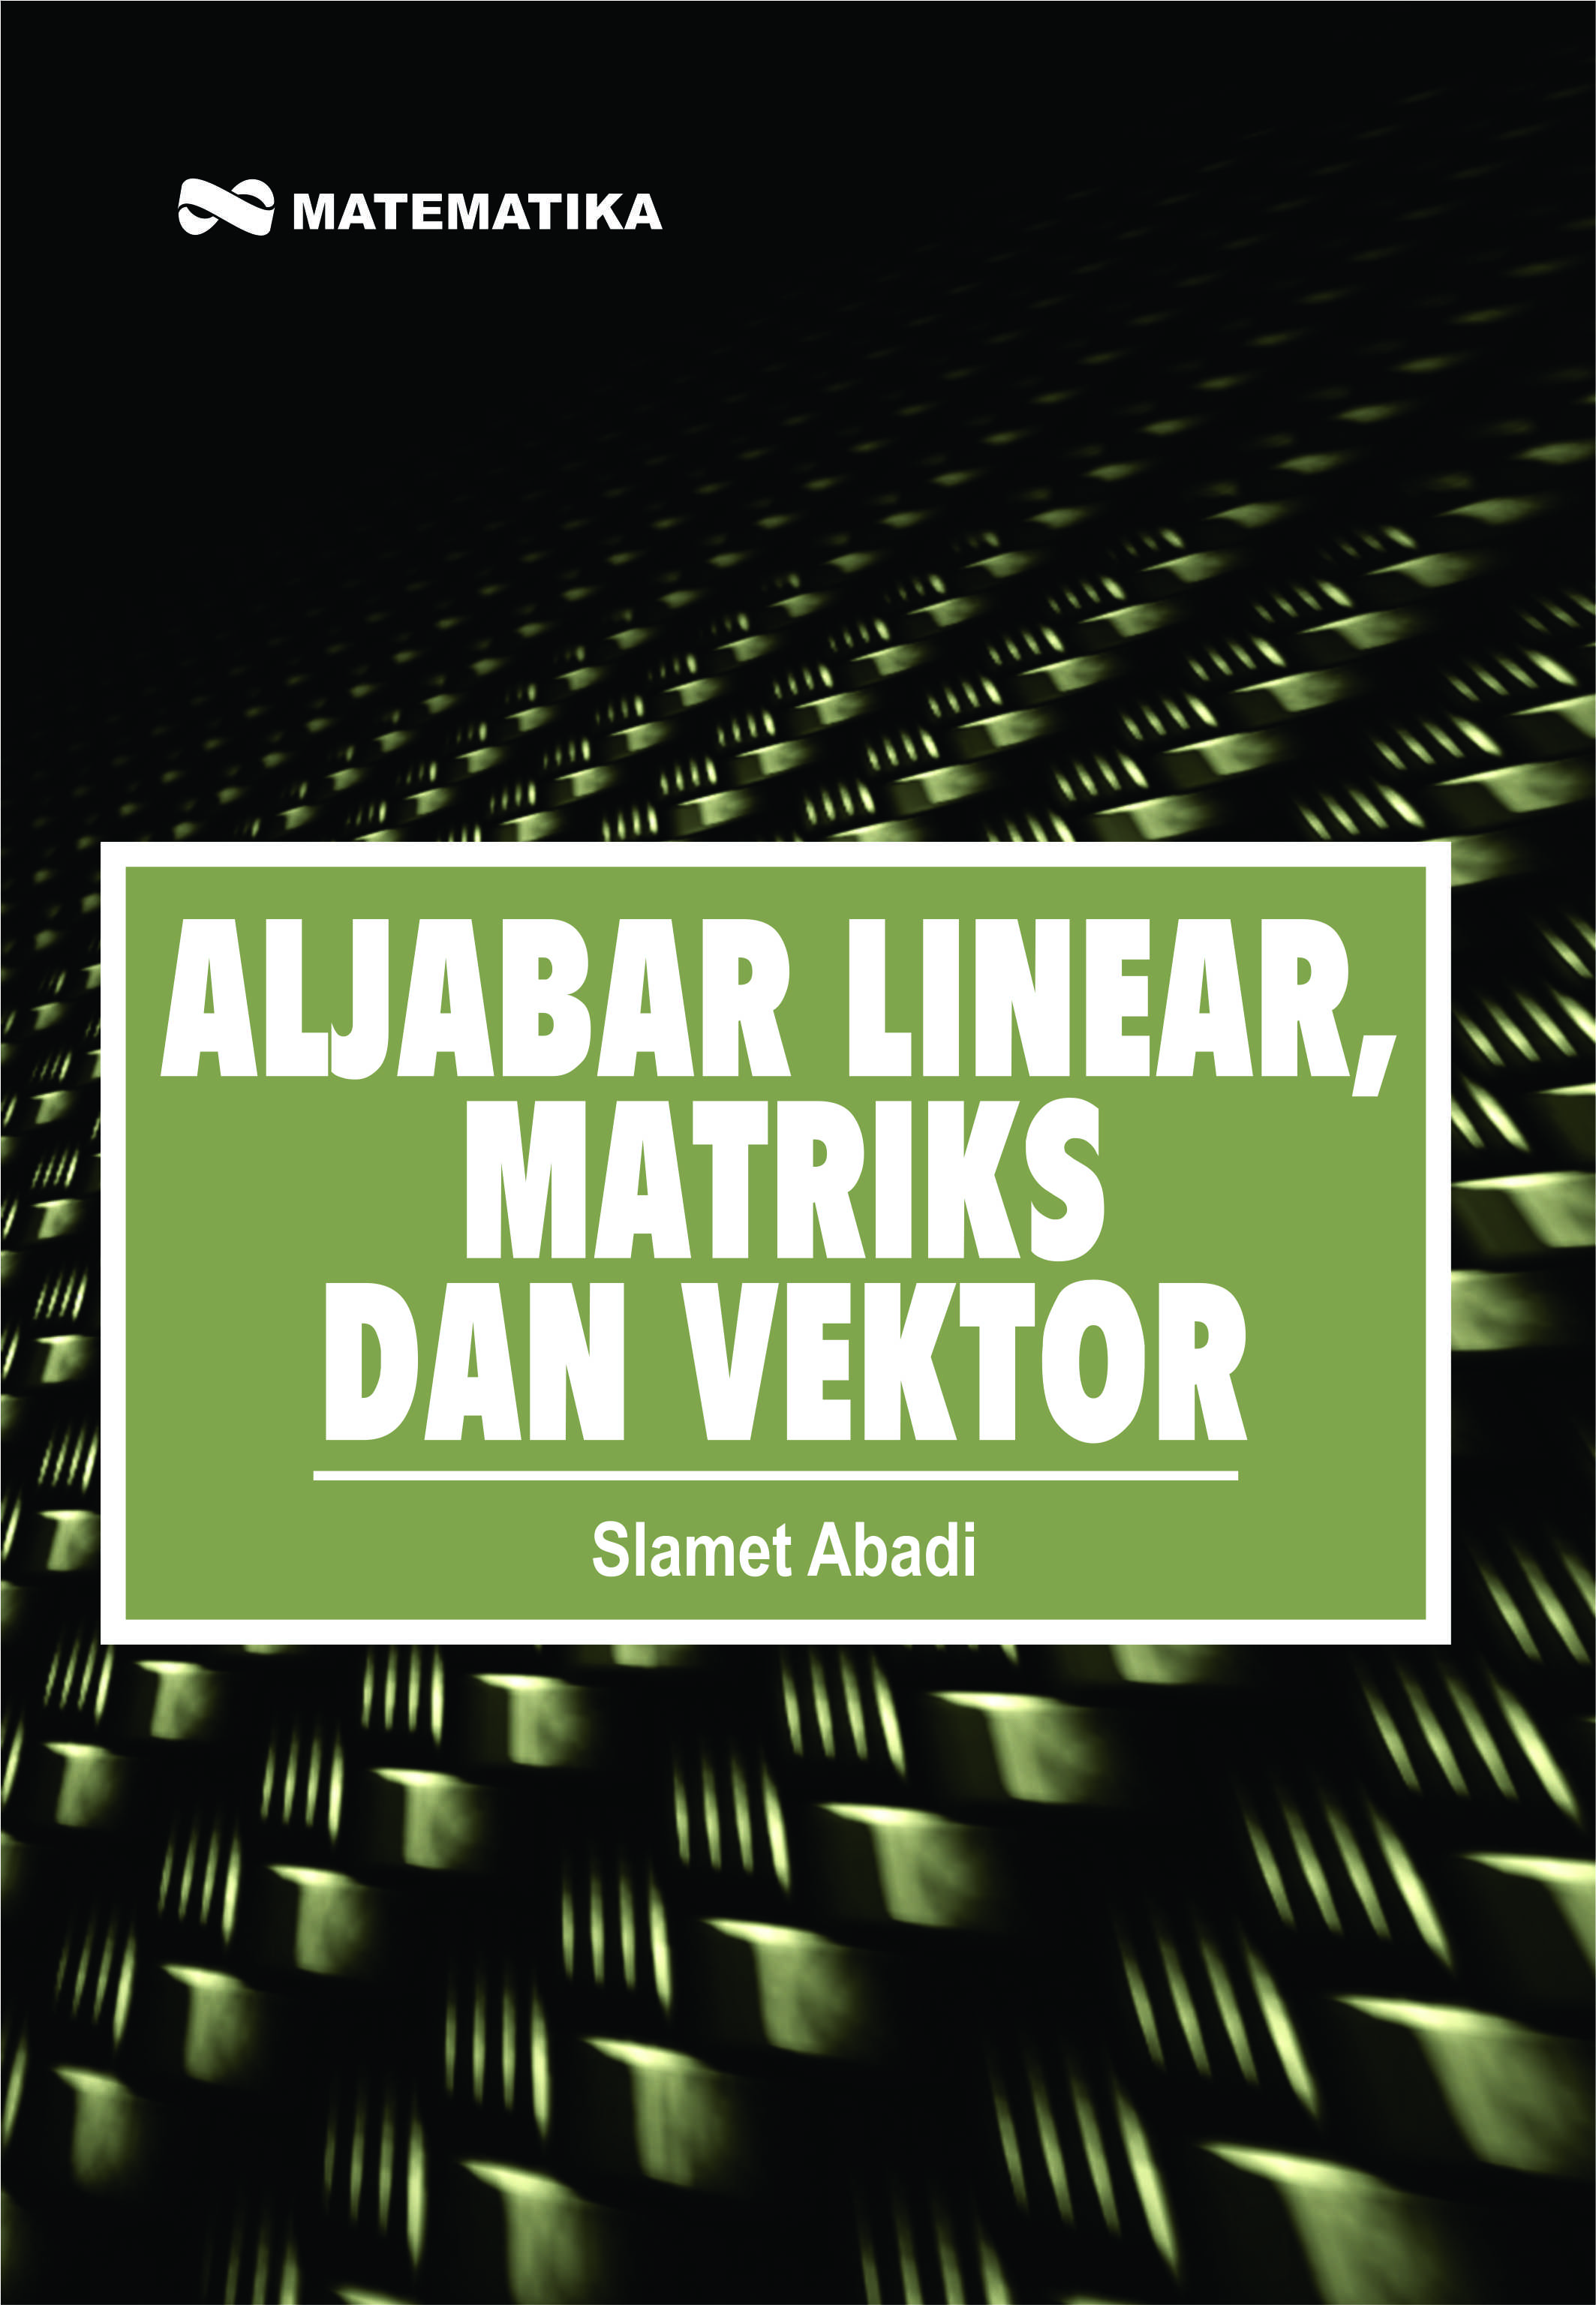 Aljabar Linier, Matriks dan Vektor